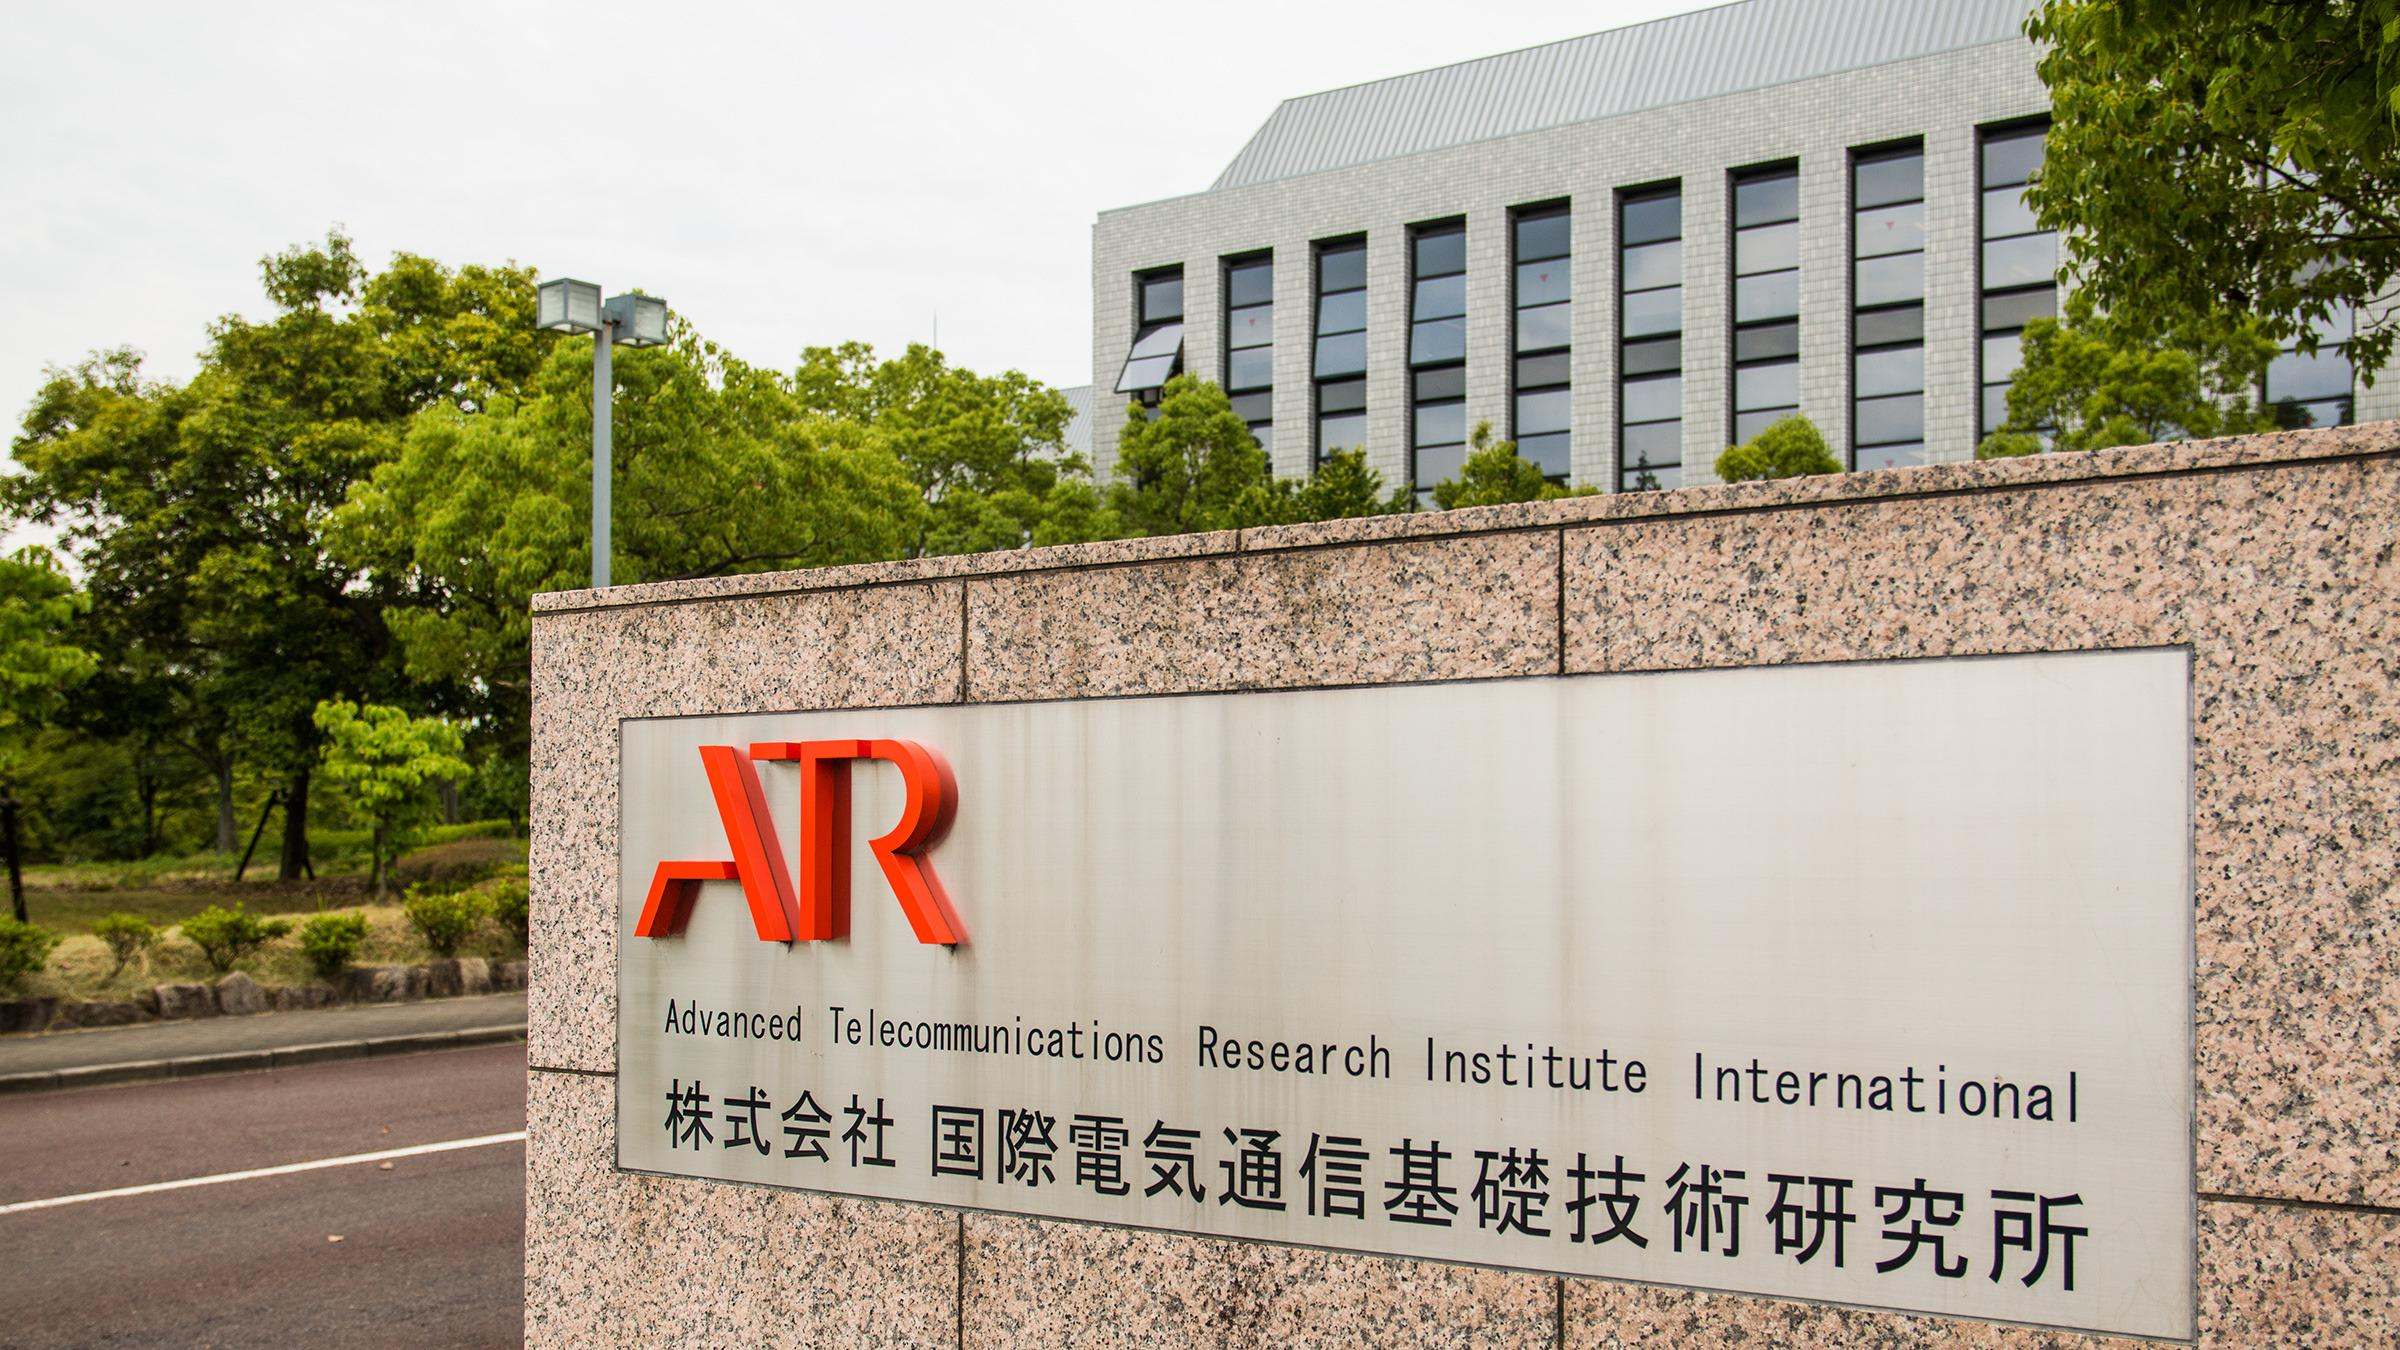 ATR-hovedkvarteret ligger i landlige omgivelser i Kansai Science City.Foto: Varg Aamo, Hardware.no